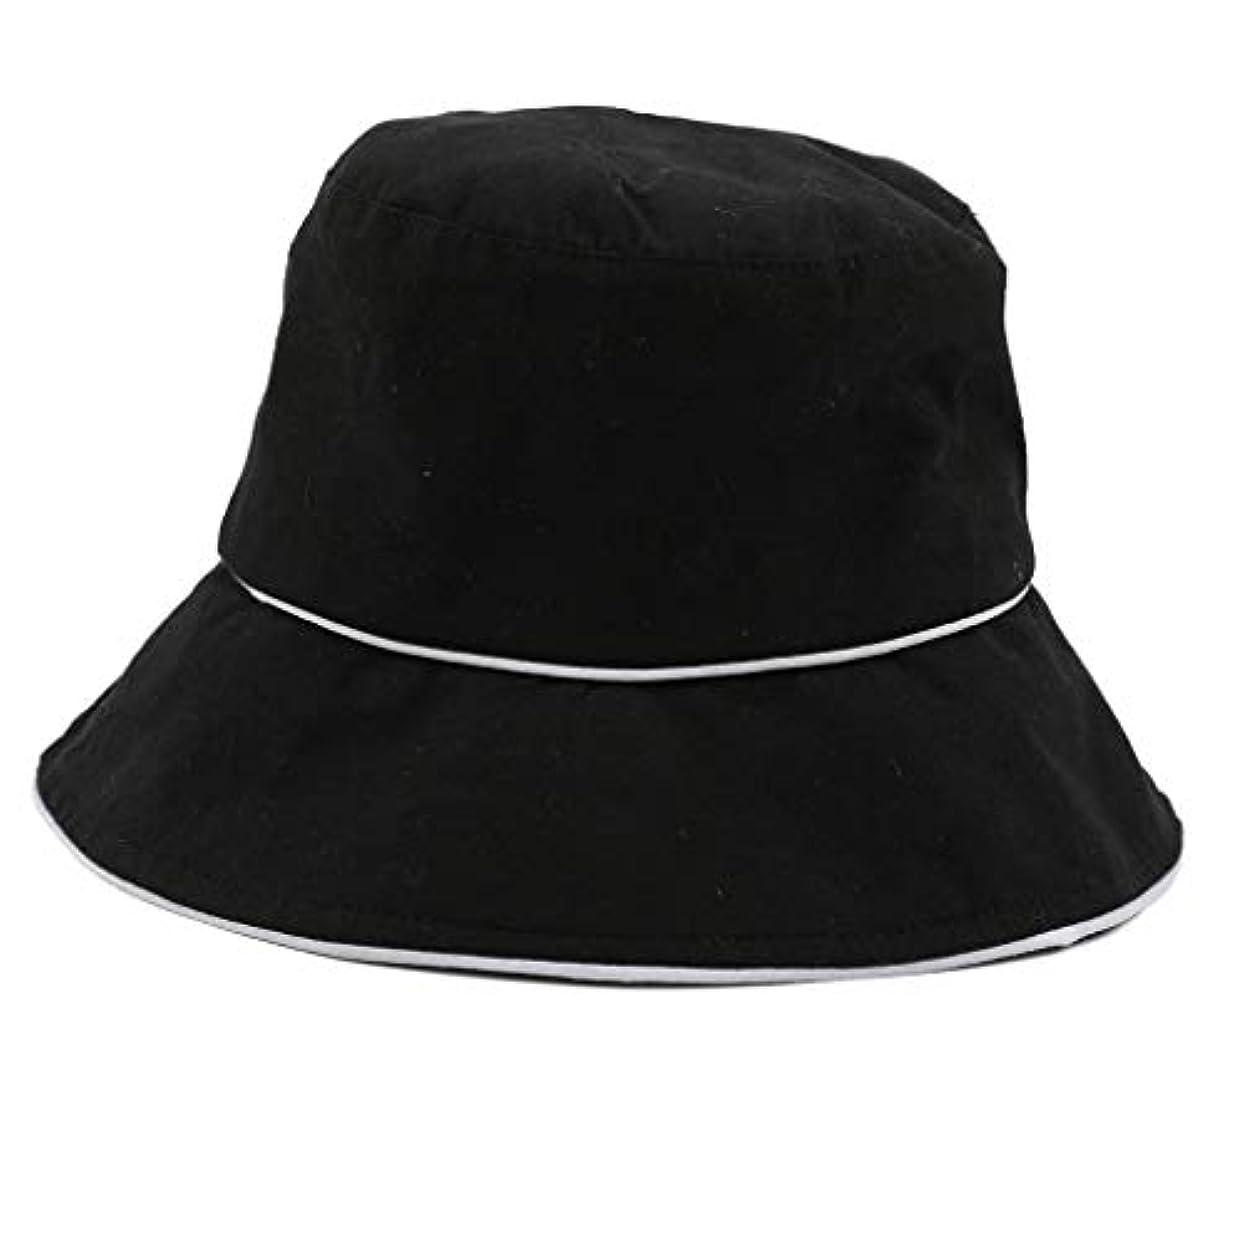 雷雨メイト悲観主義者ROSE ROMAN - 帽子 レディース uv 漁師の帽子 99%uvカット 小顔効果抜群 帽子 サイズ調整 テープ キャップ 黒 漁師帽 おしゃれ 可愛い ハット 折りたたみ 紫外線対策 ファッション ワイルド カジュアル...